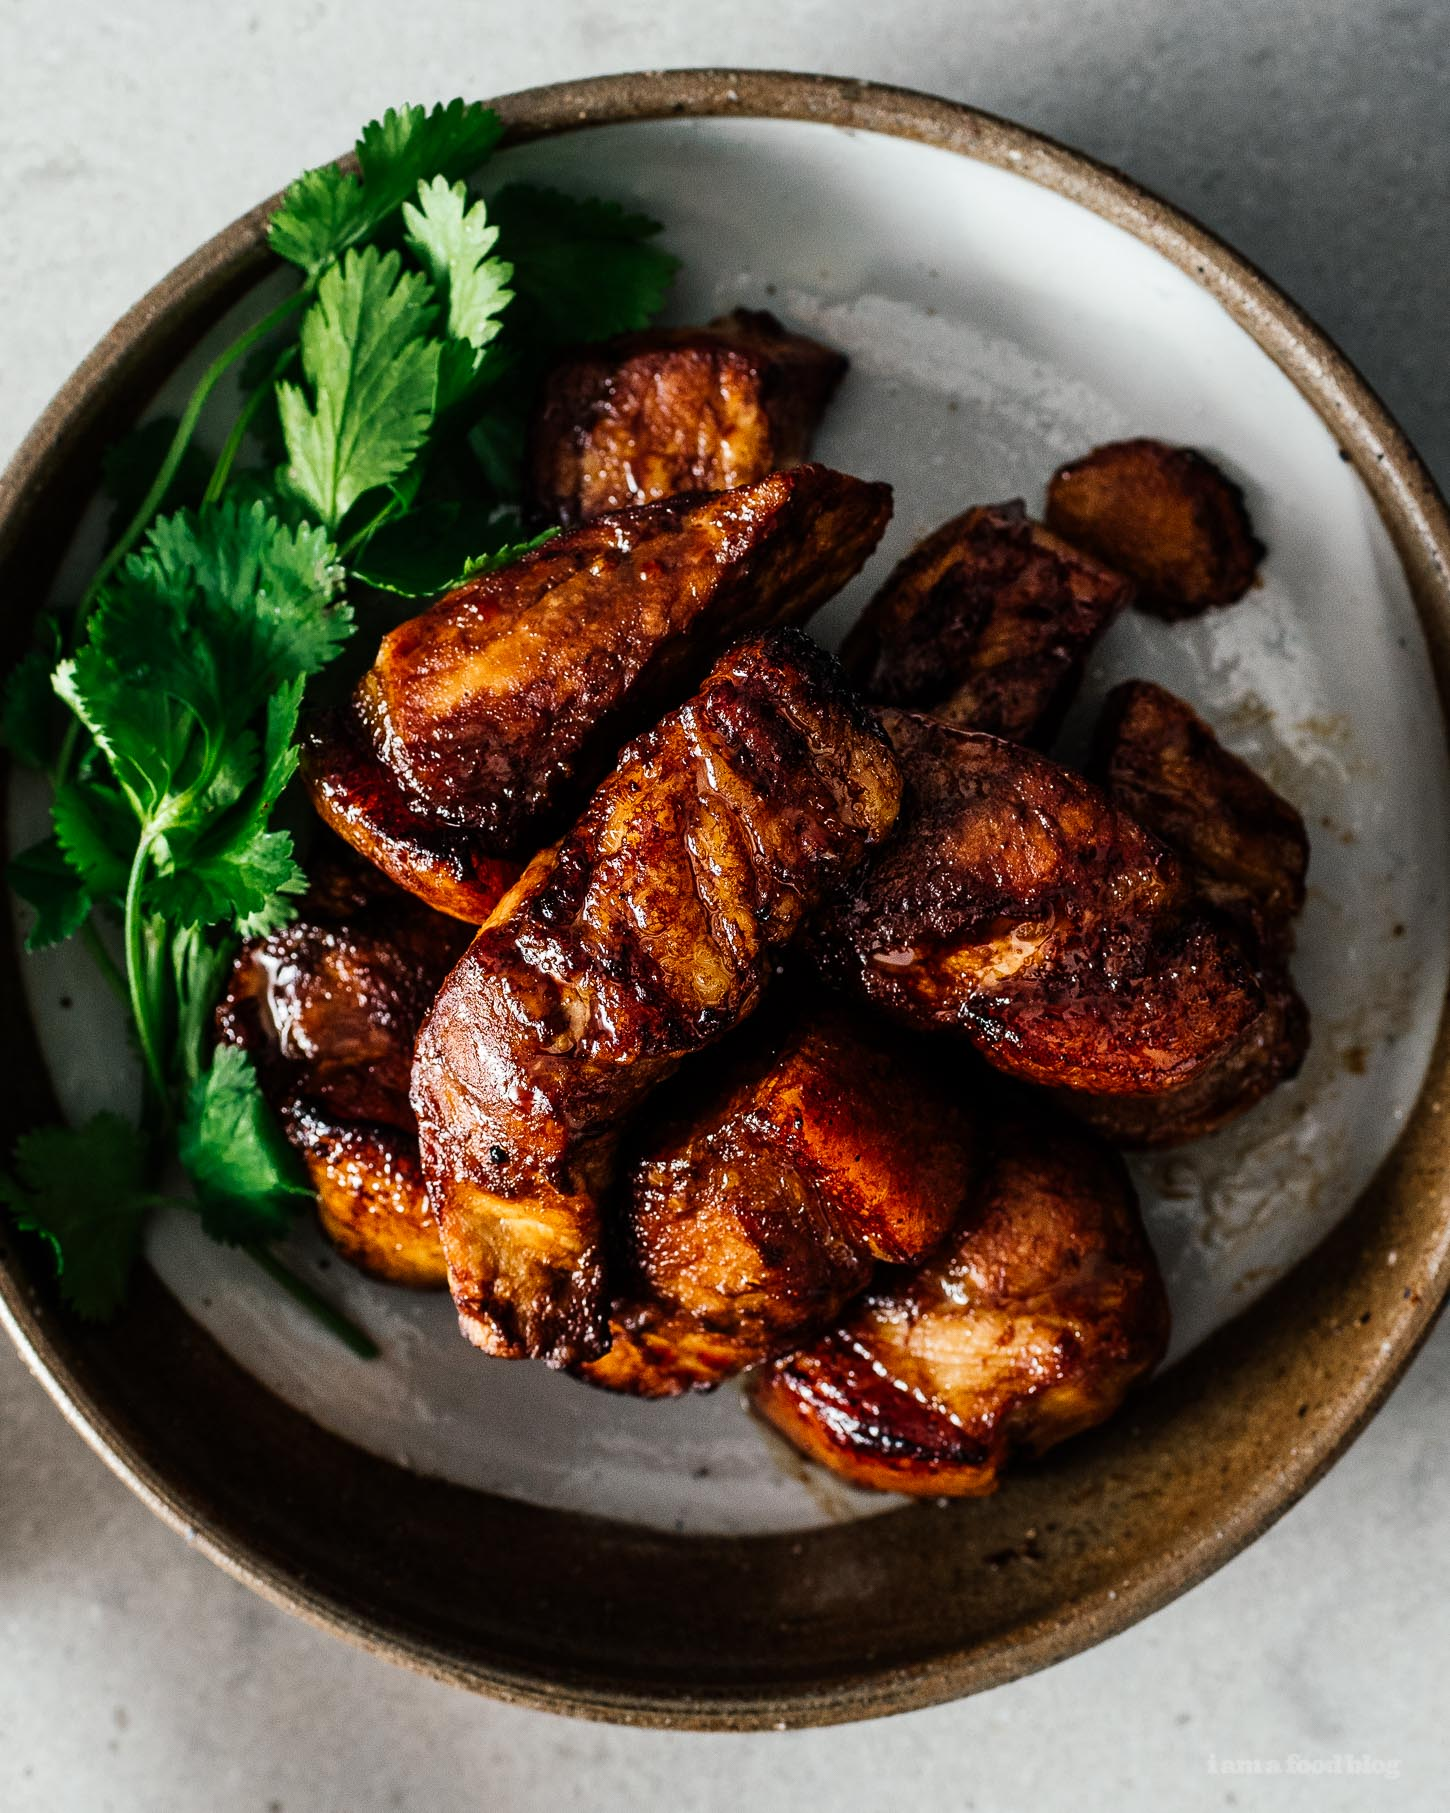 Air Fryer Char Siu Recipe | www.iamafoodblog.com